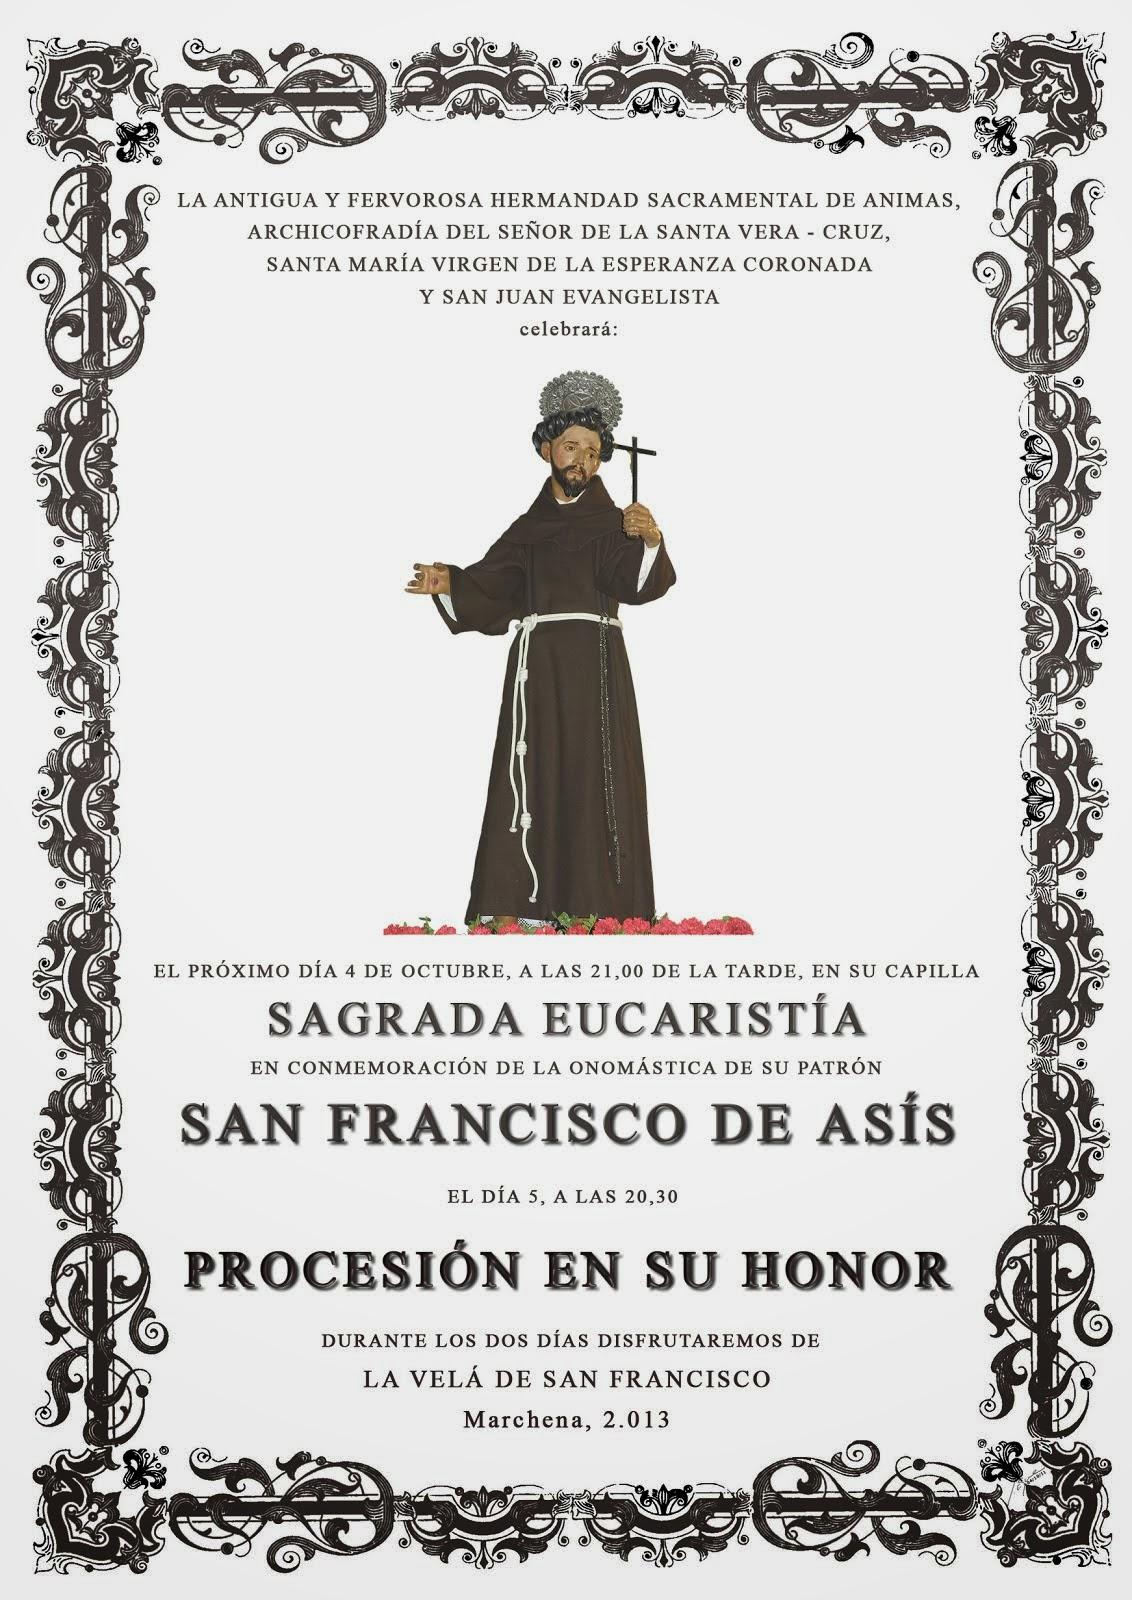 SAN FRANCISCO - 5 Octubre